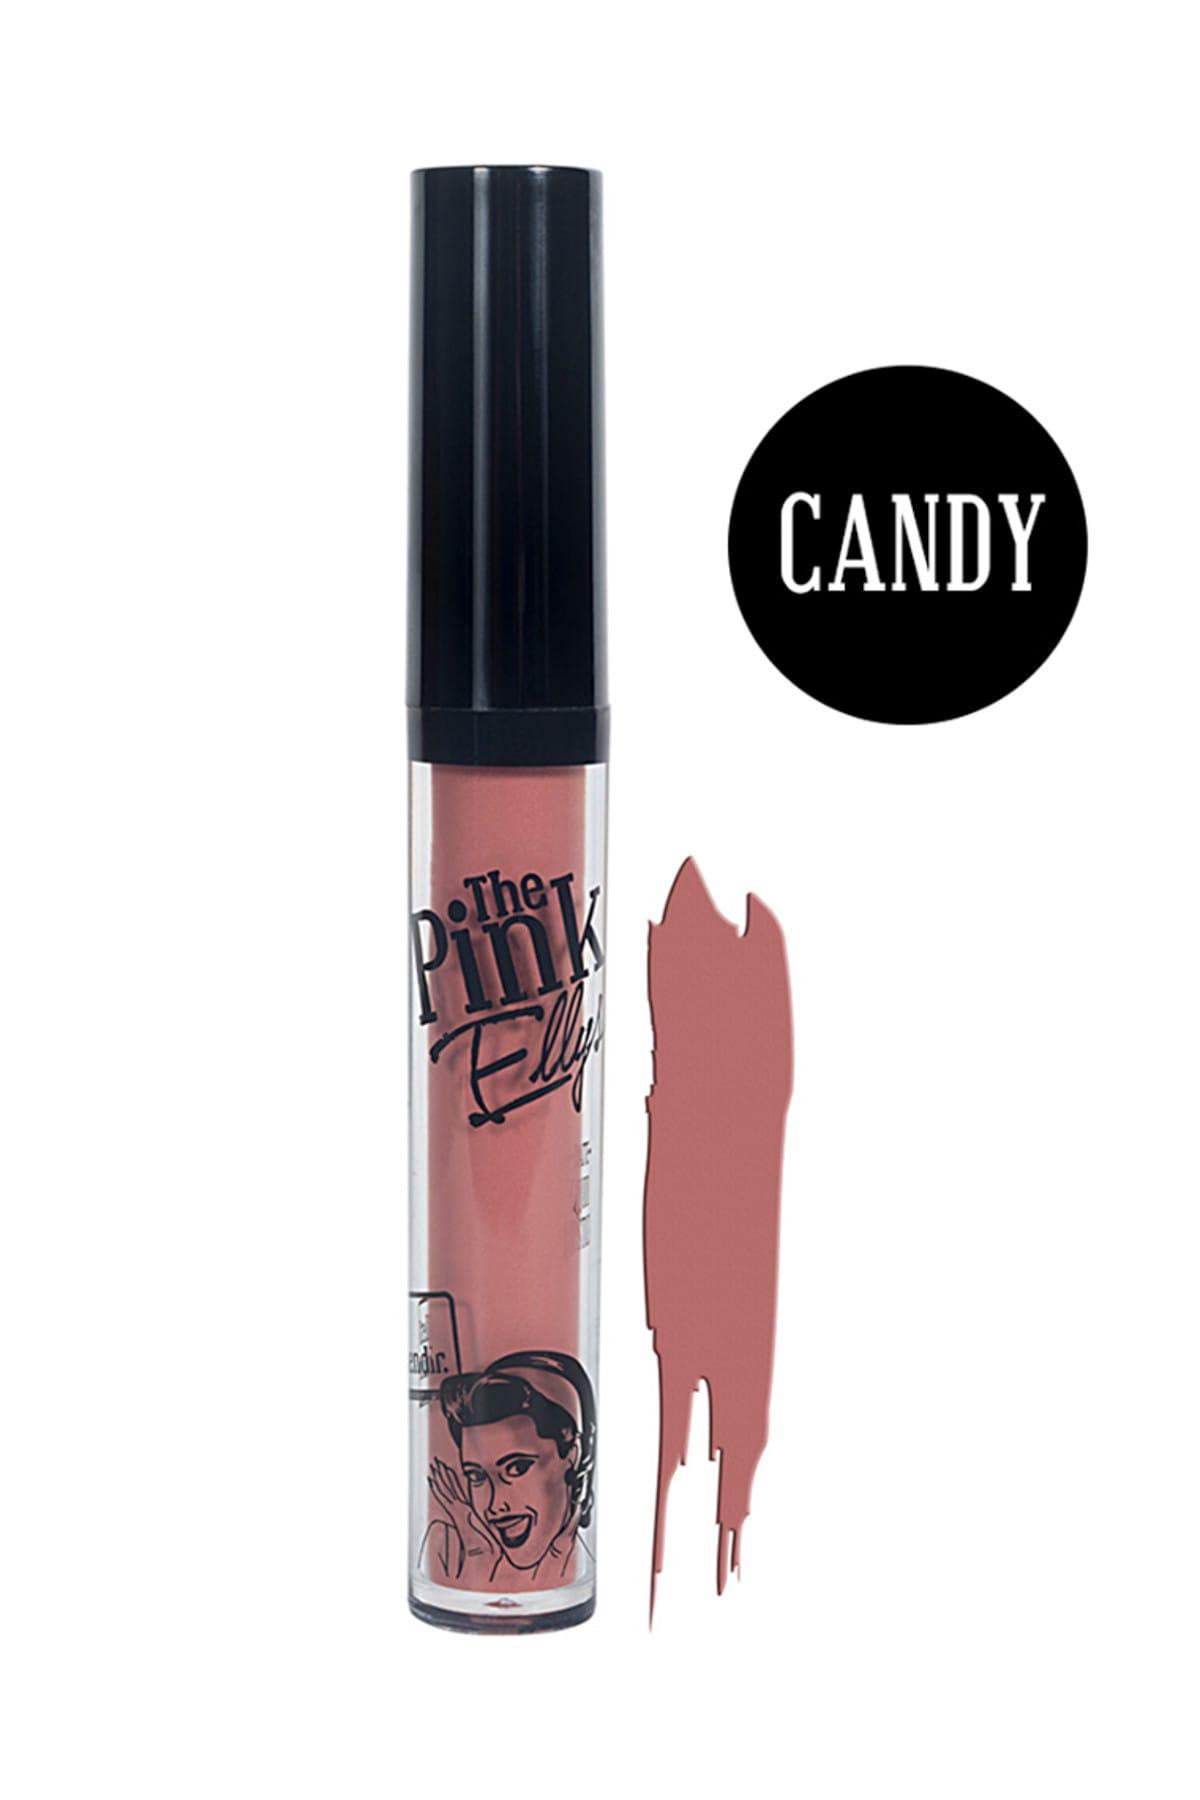 The Pink Ellys Likit Kalıcı Mat Ruj Candy 8692187770115 1